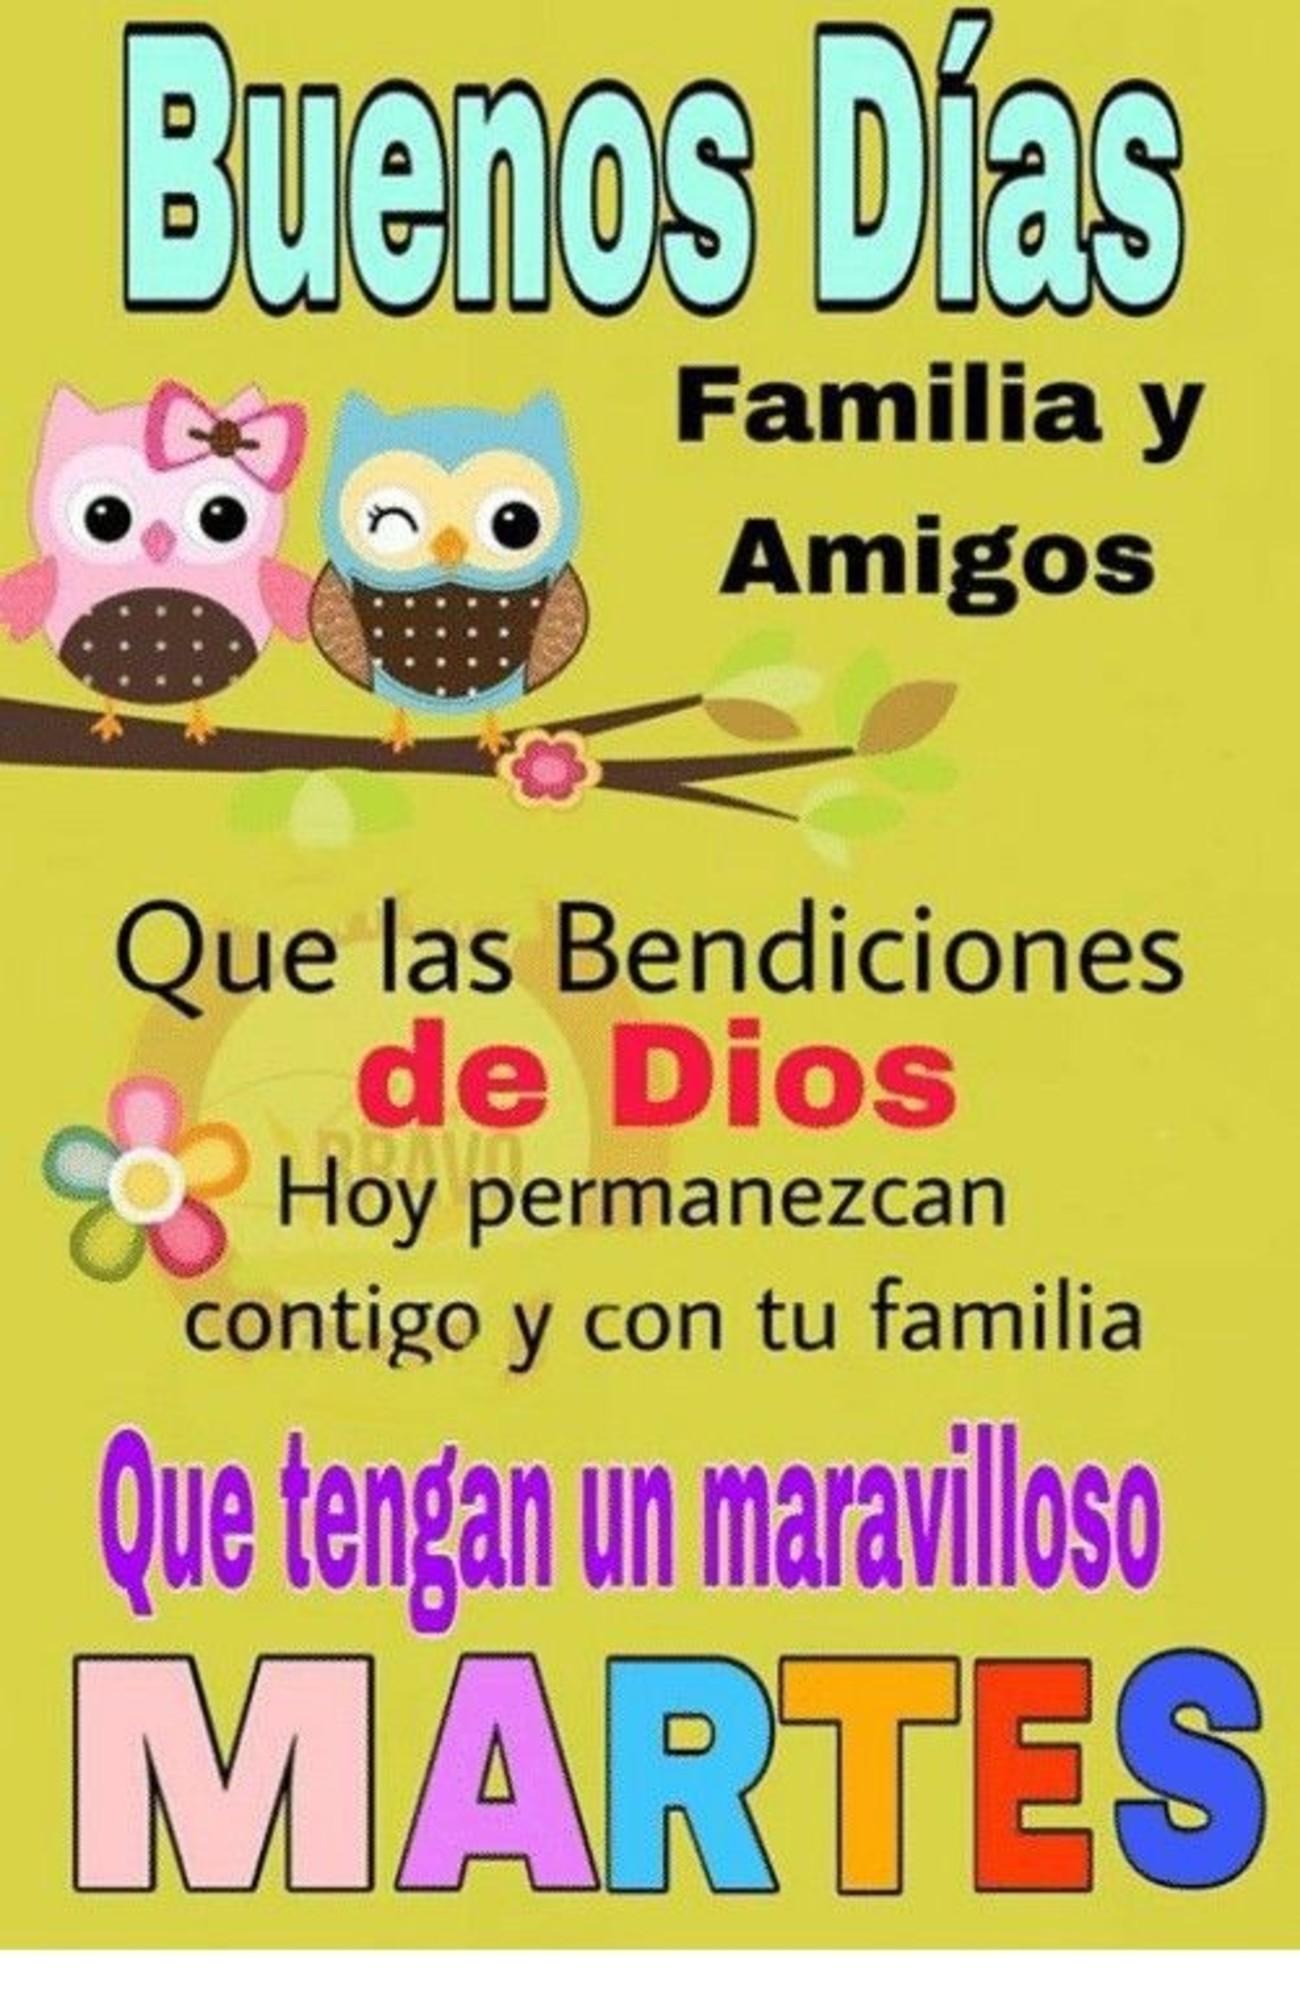 Feliz Martes amigos 209 - BonitasImagenes.net